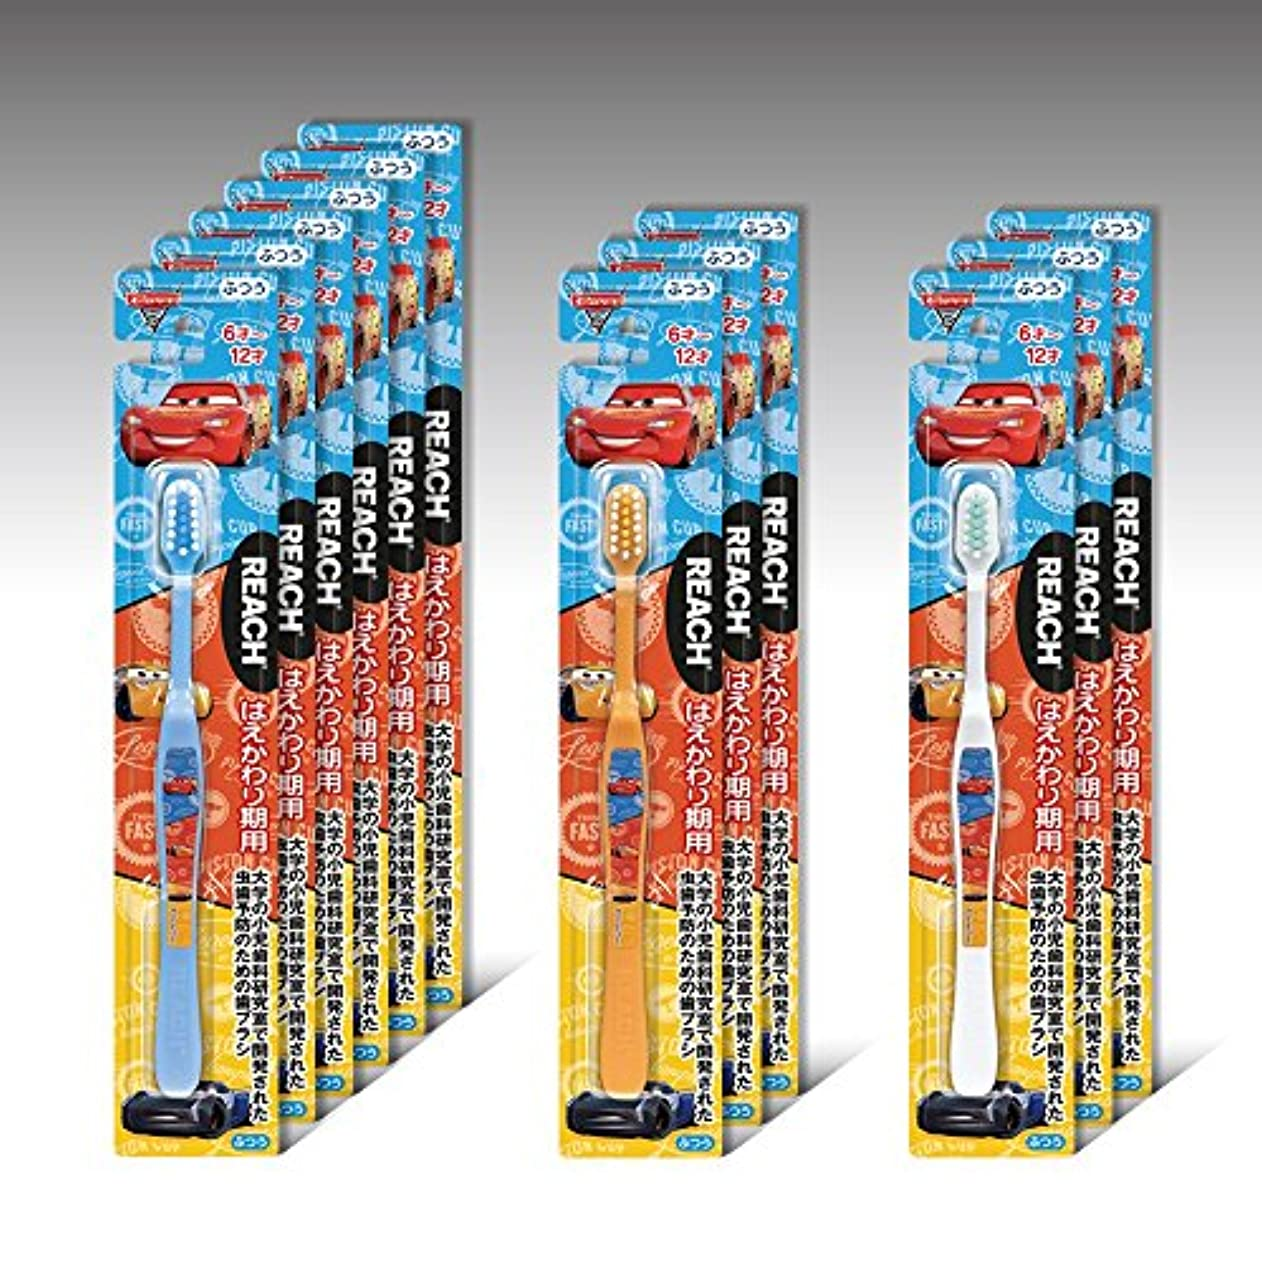 ヘビ力強い振幅リーチキッズ ディズニーカーズ はえかわり期用(6~12才) 12本セット